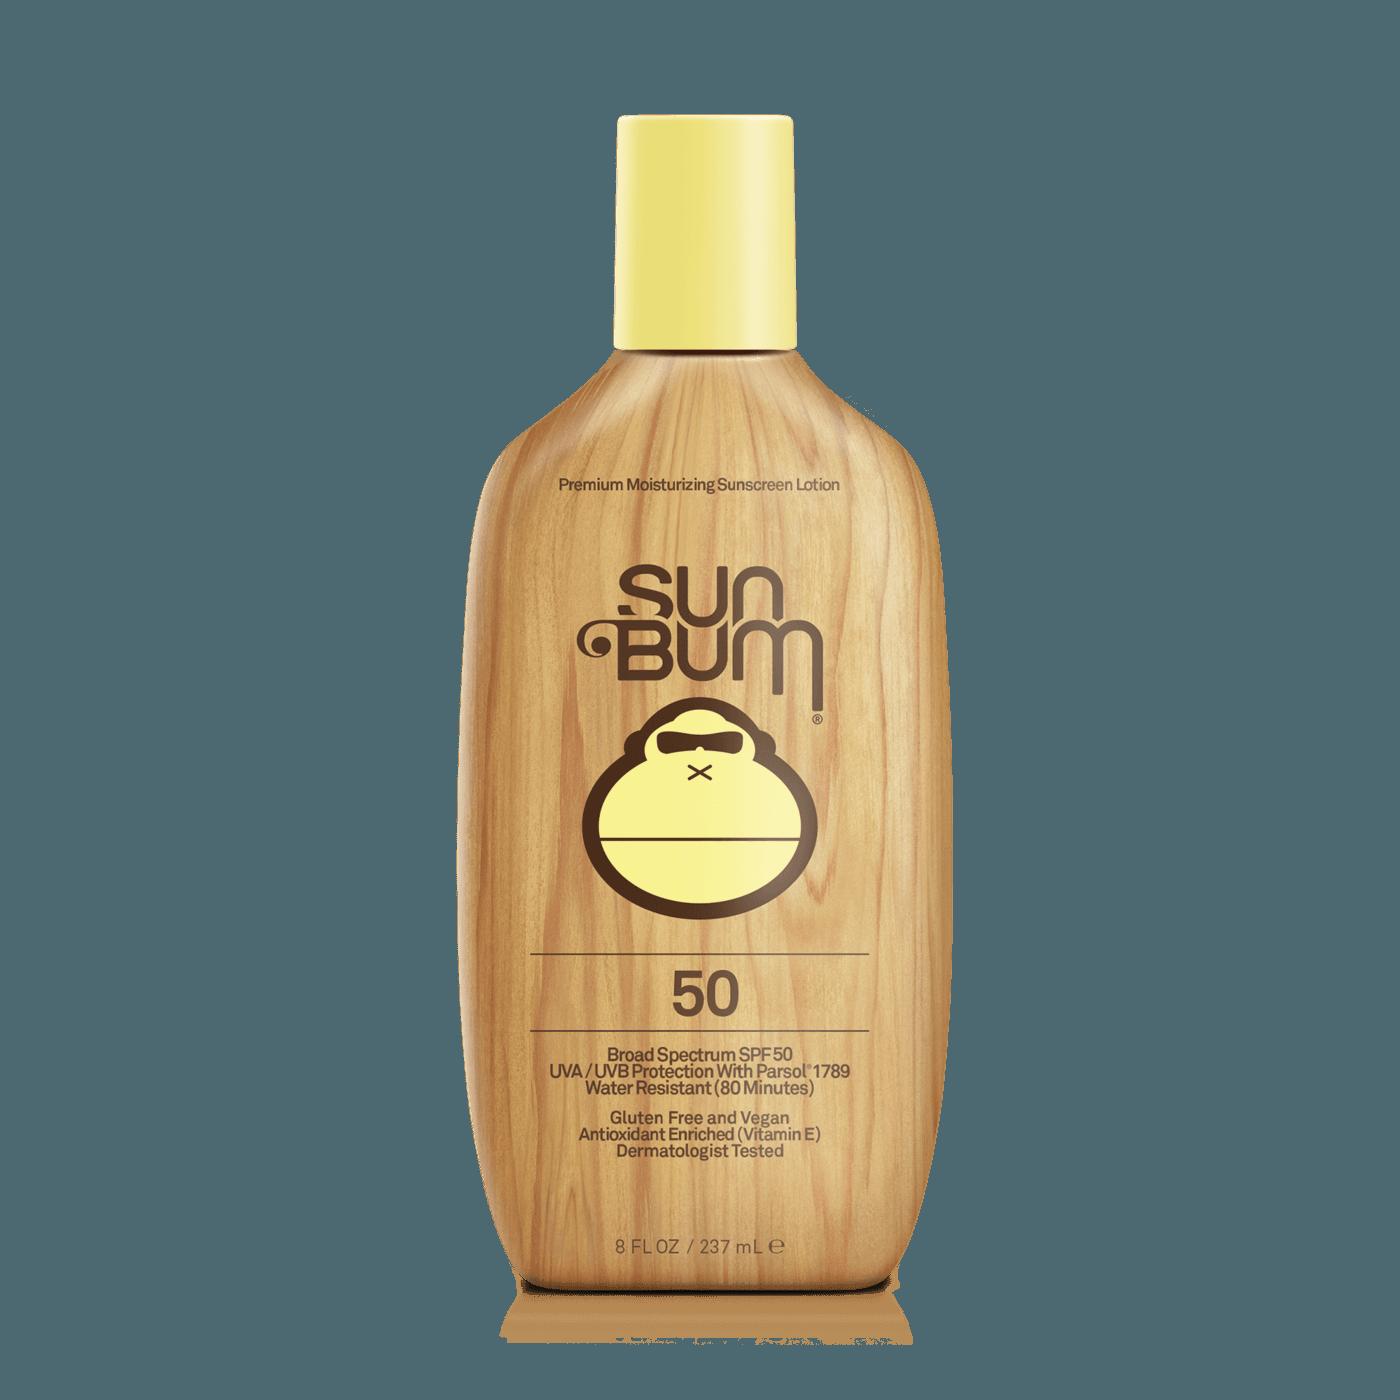 Sun Bum Sunscreen 50 spf